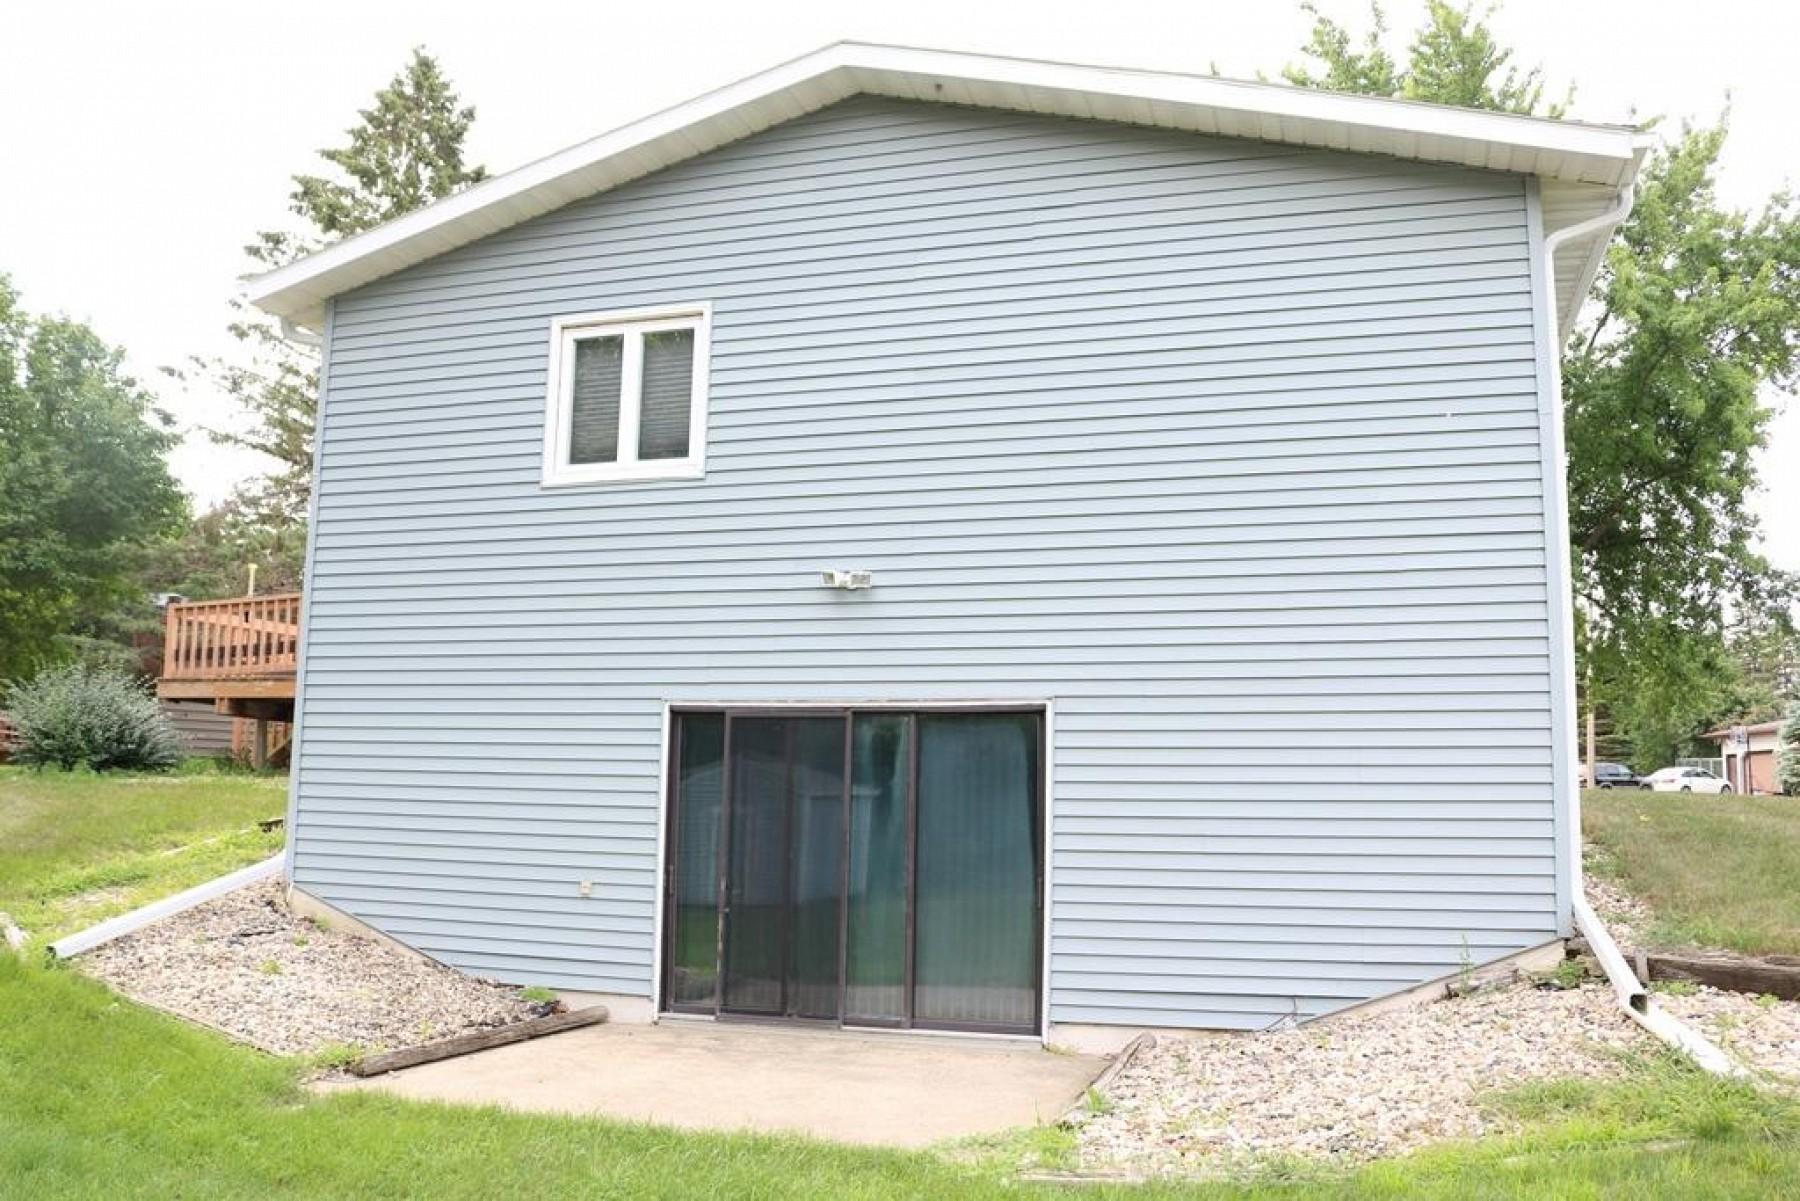 605 CircleDrive, Clear Lake, SD 57226